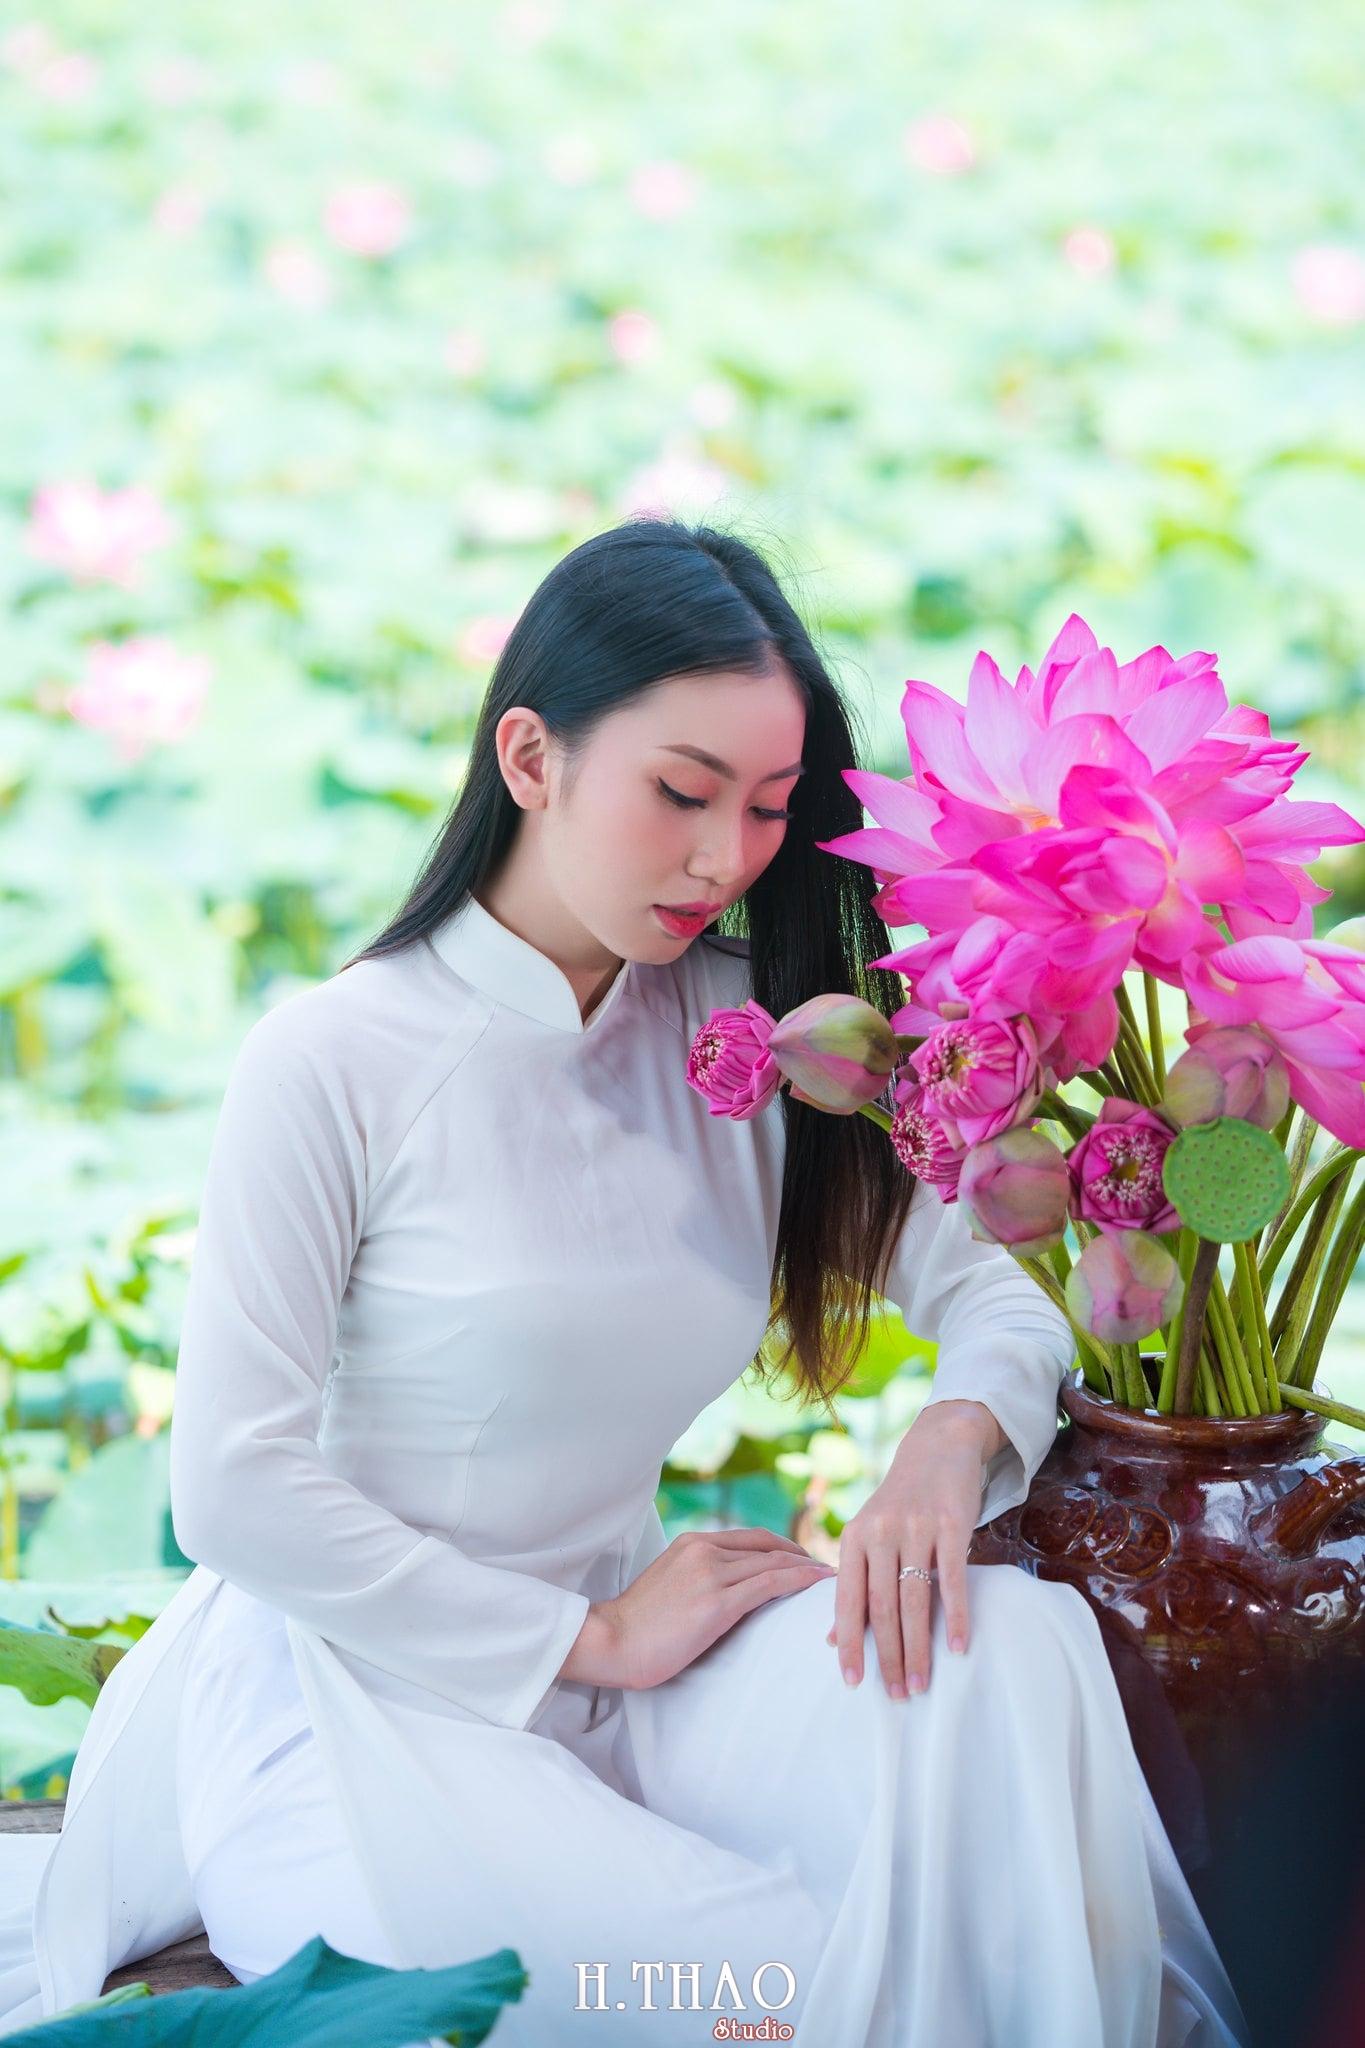 Chup hinh hoa sen 9 - Góc ảnh thiếu nữ bên hoa sen tam đa quận 9 tuyệt đẹp - HThao Studio